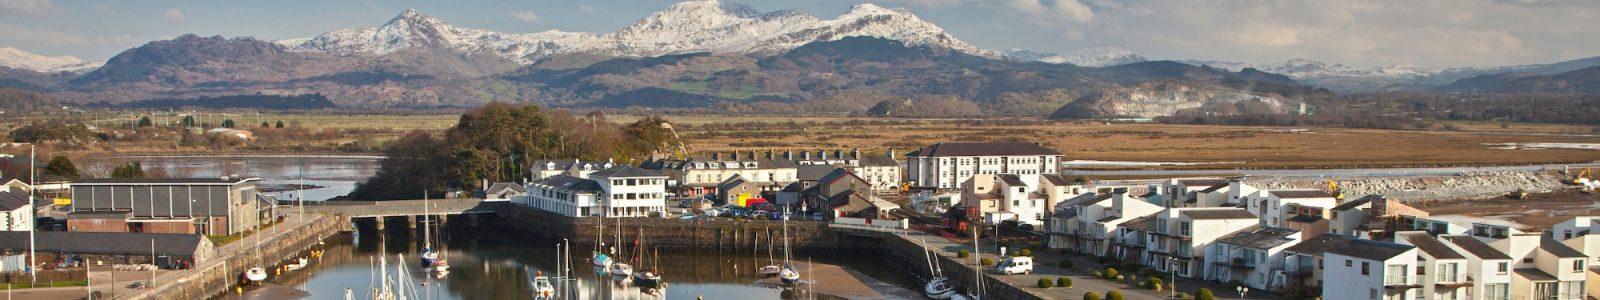 Porthmadog harbour - Snowdonia Caravan Park Llwyn Bugeilydd